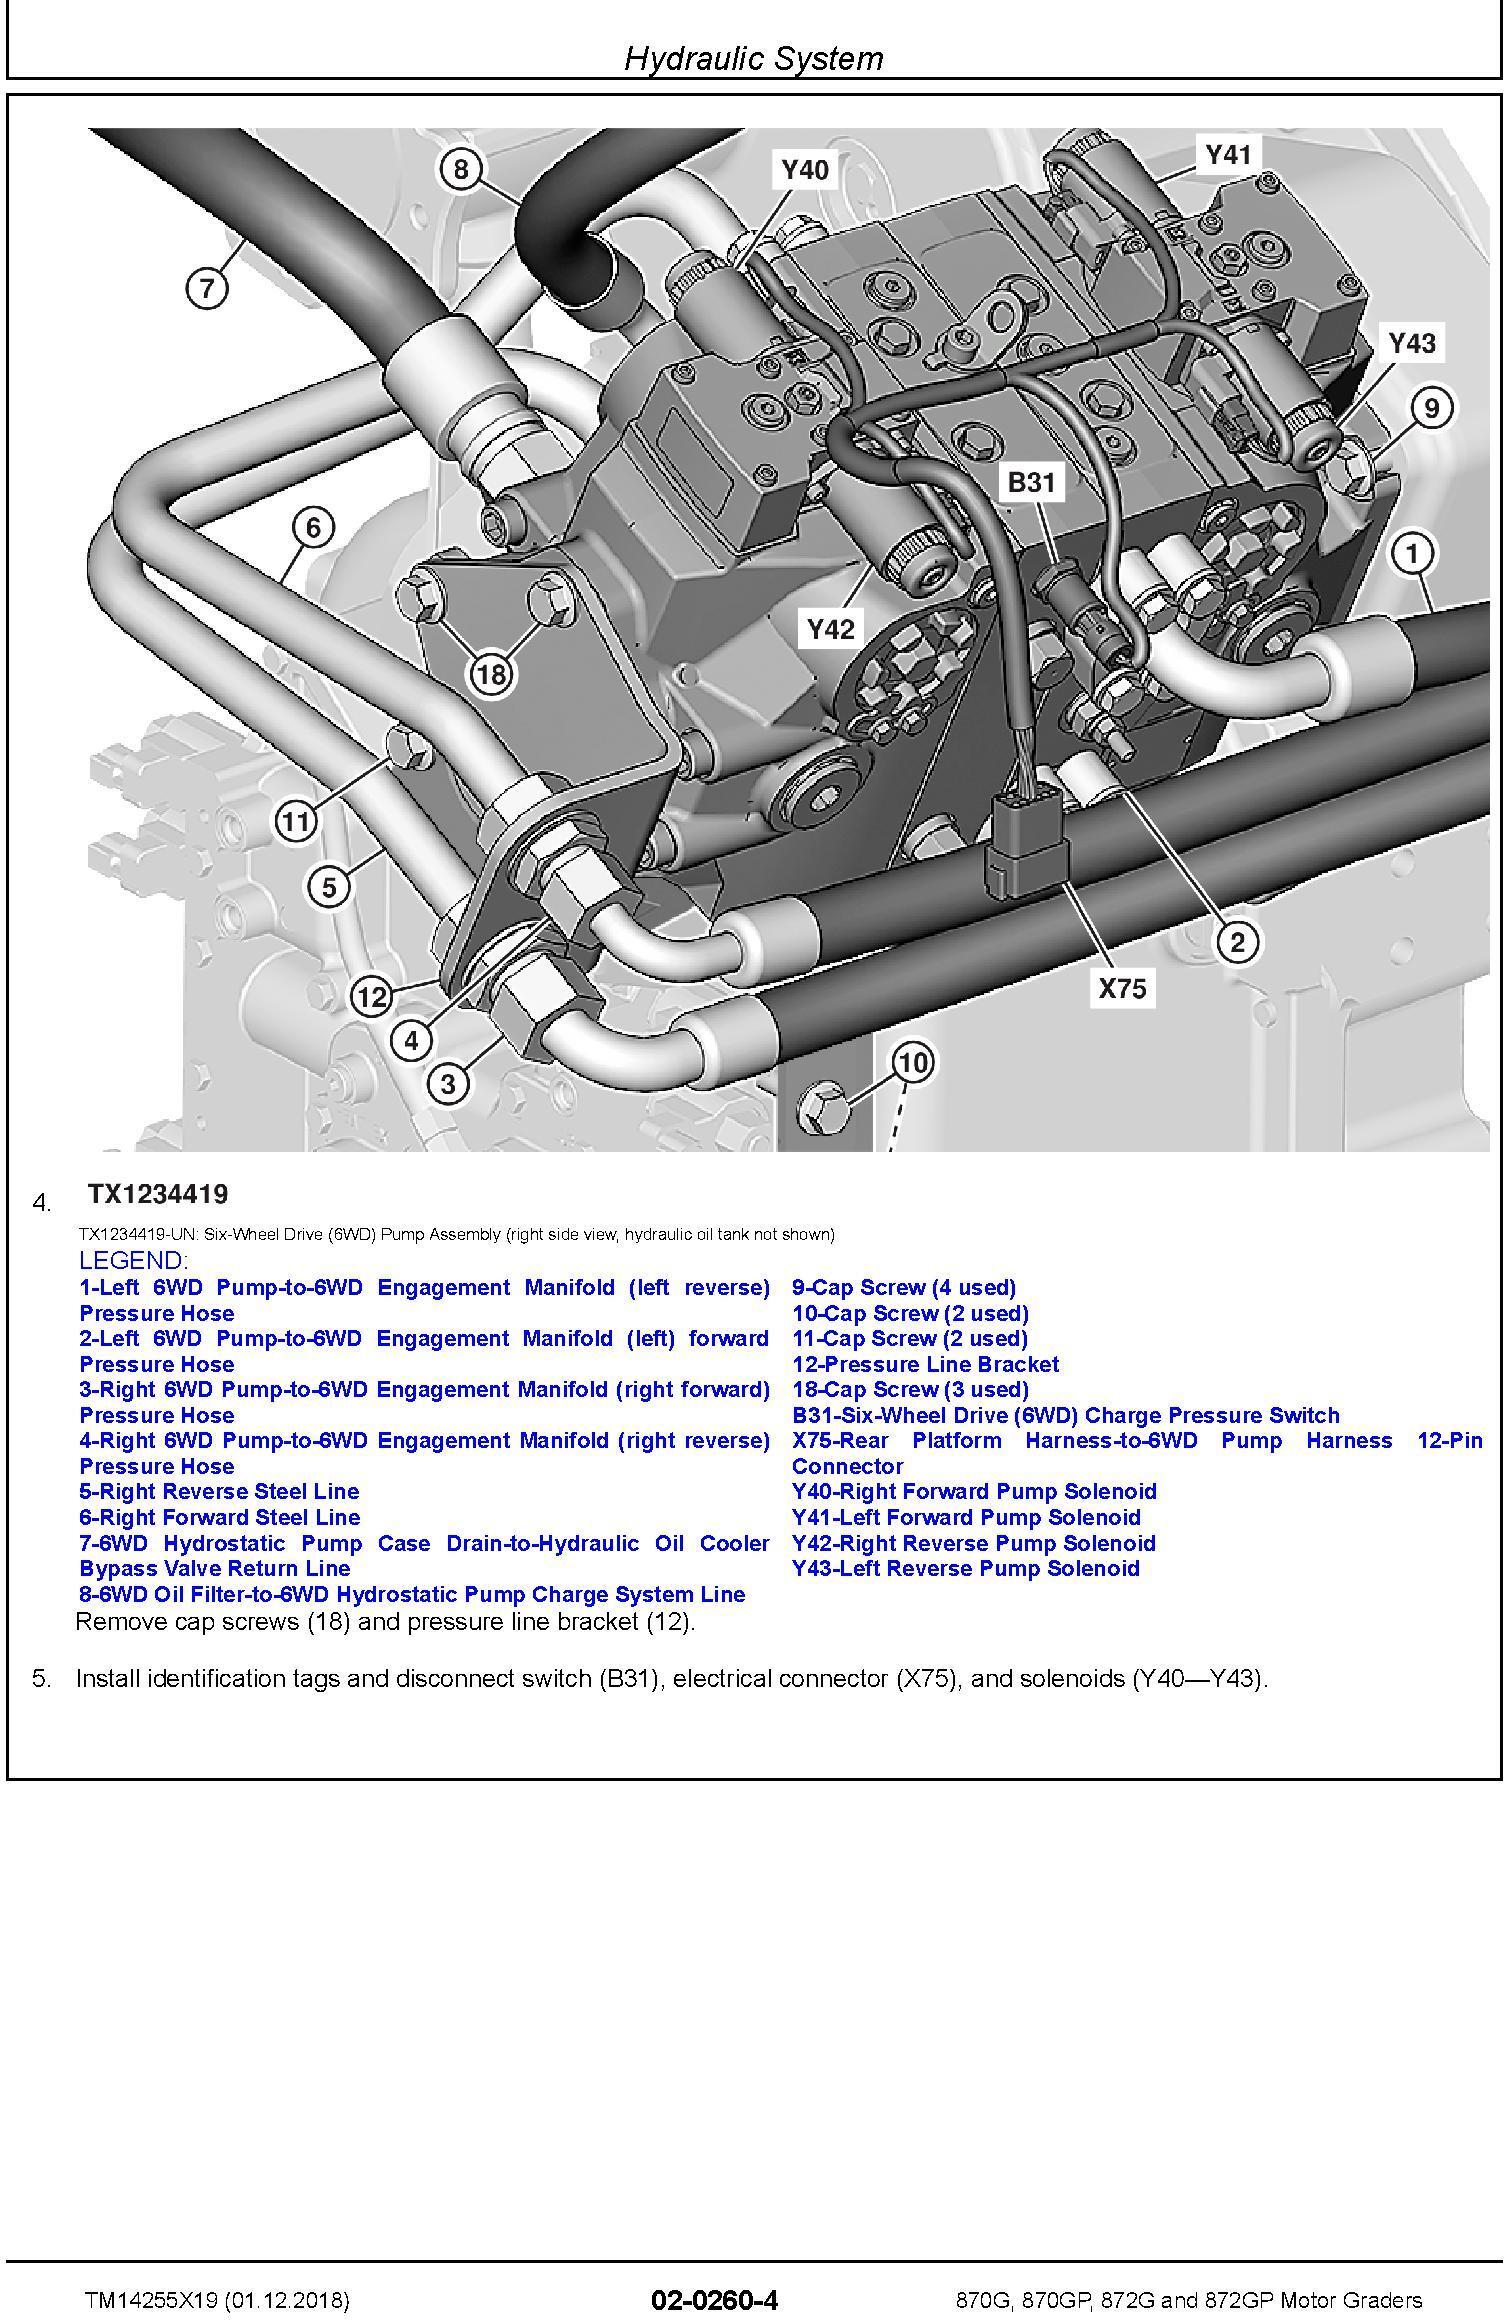 John Deere 870G, 870GP, 872G, 872GP (SN. C680878-,D680878-) Motor Graders Repair Manual (TM14255X19) - 3